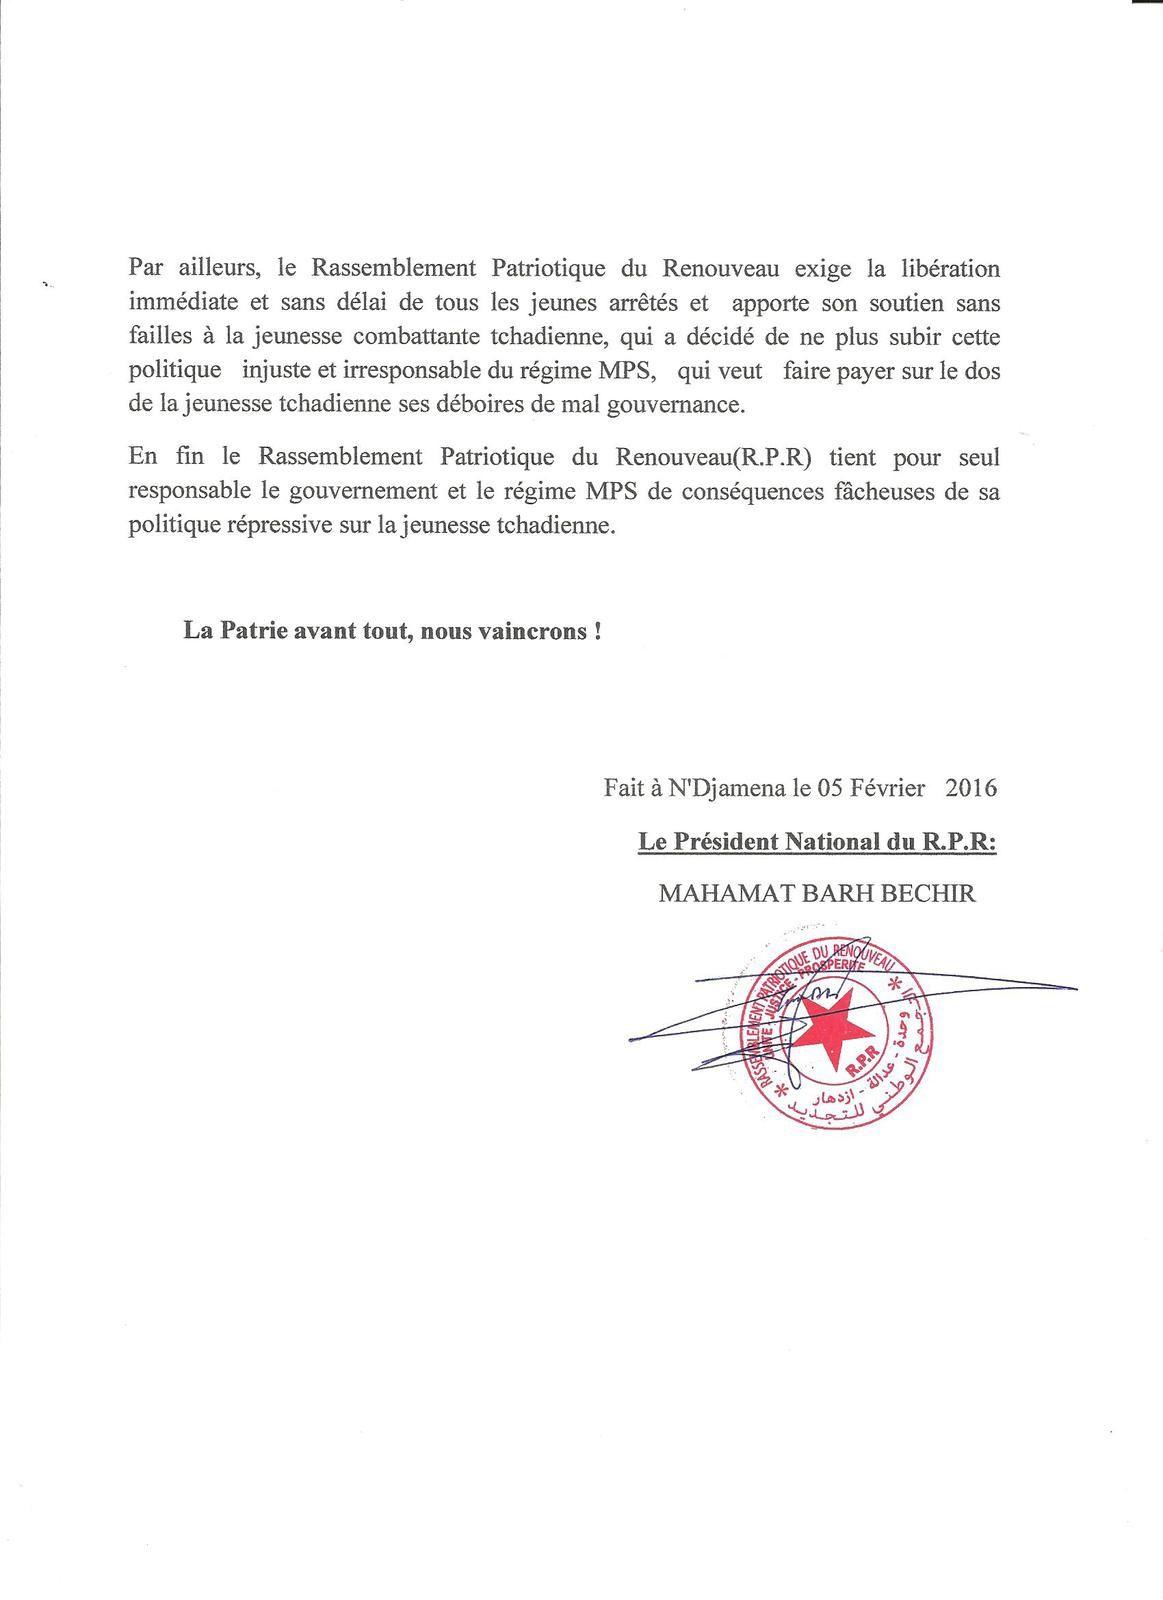 Politique répressive du régime au Tchad: le RPR tient pour responsable le Gouvernement